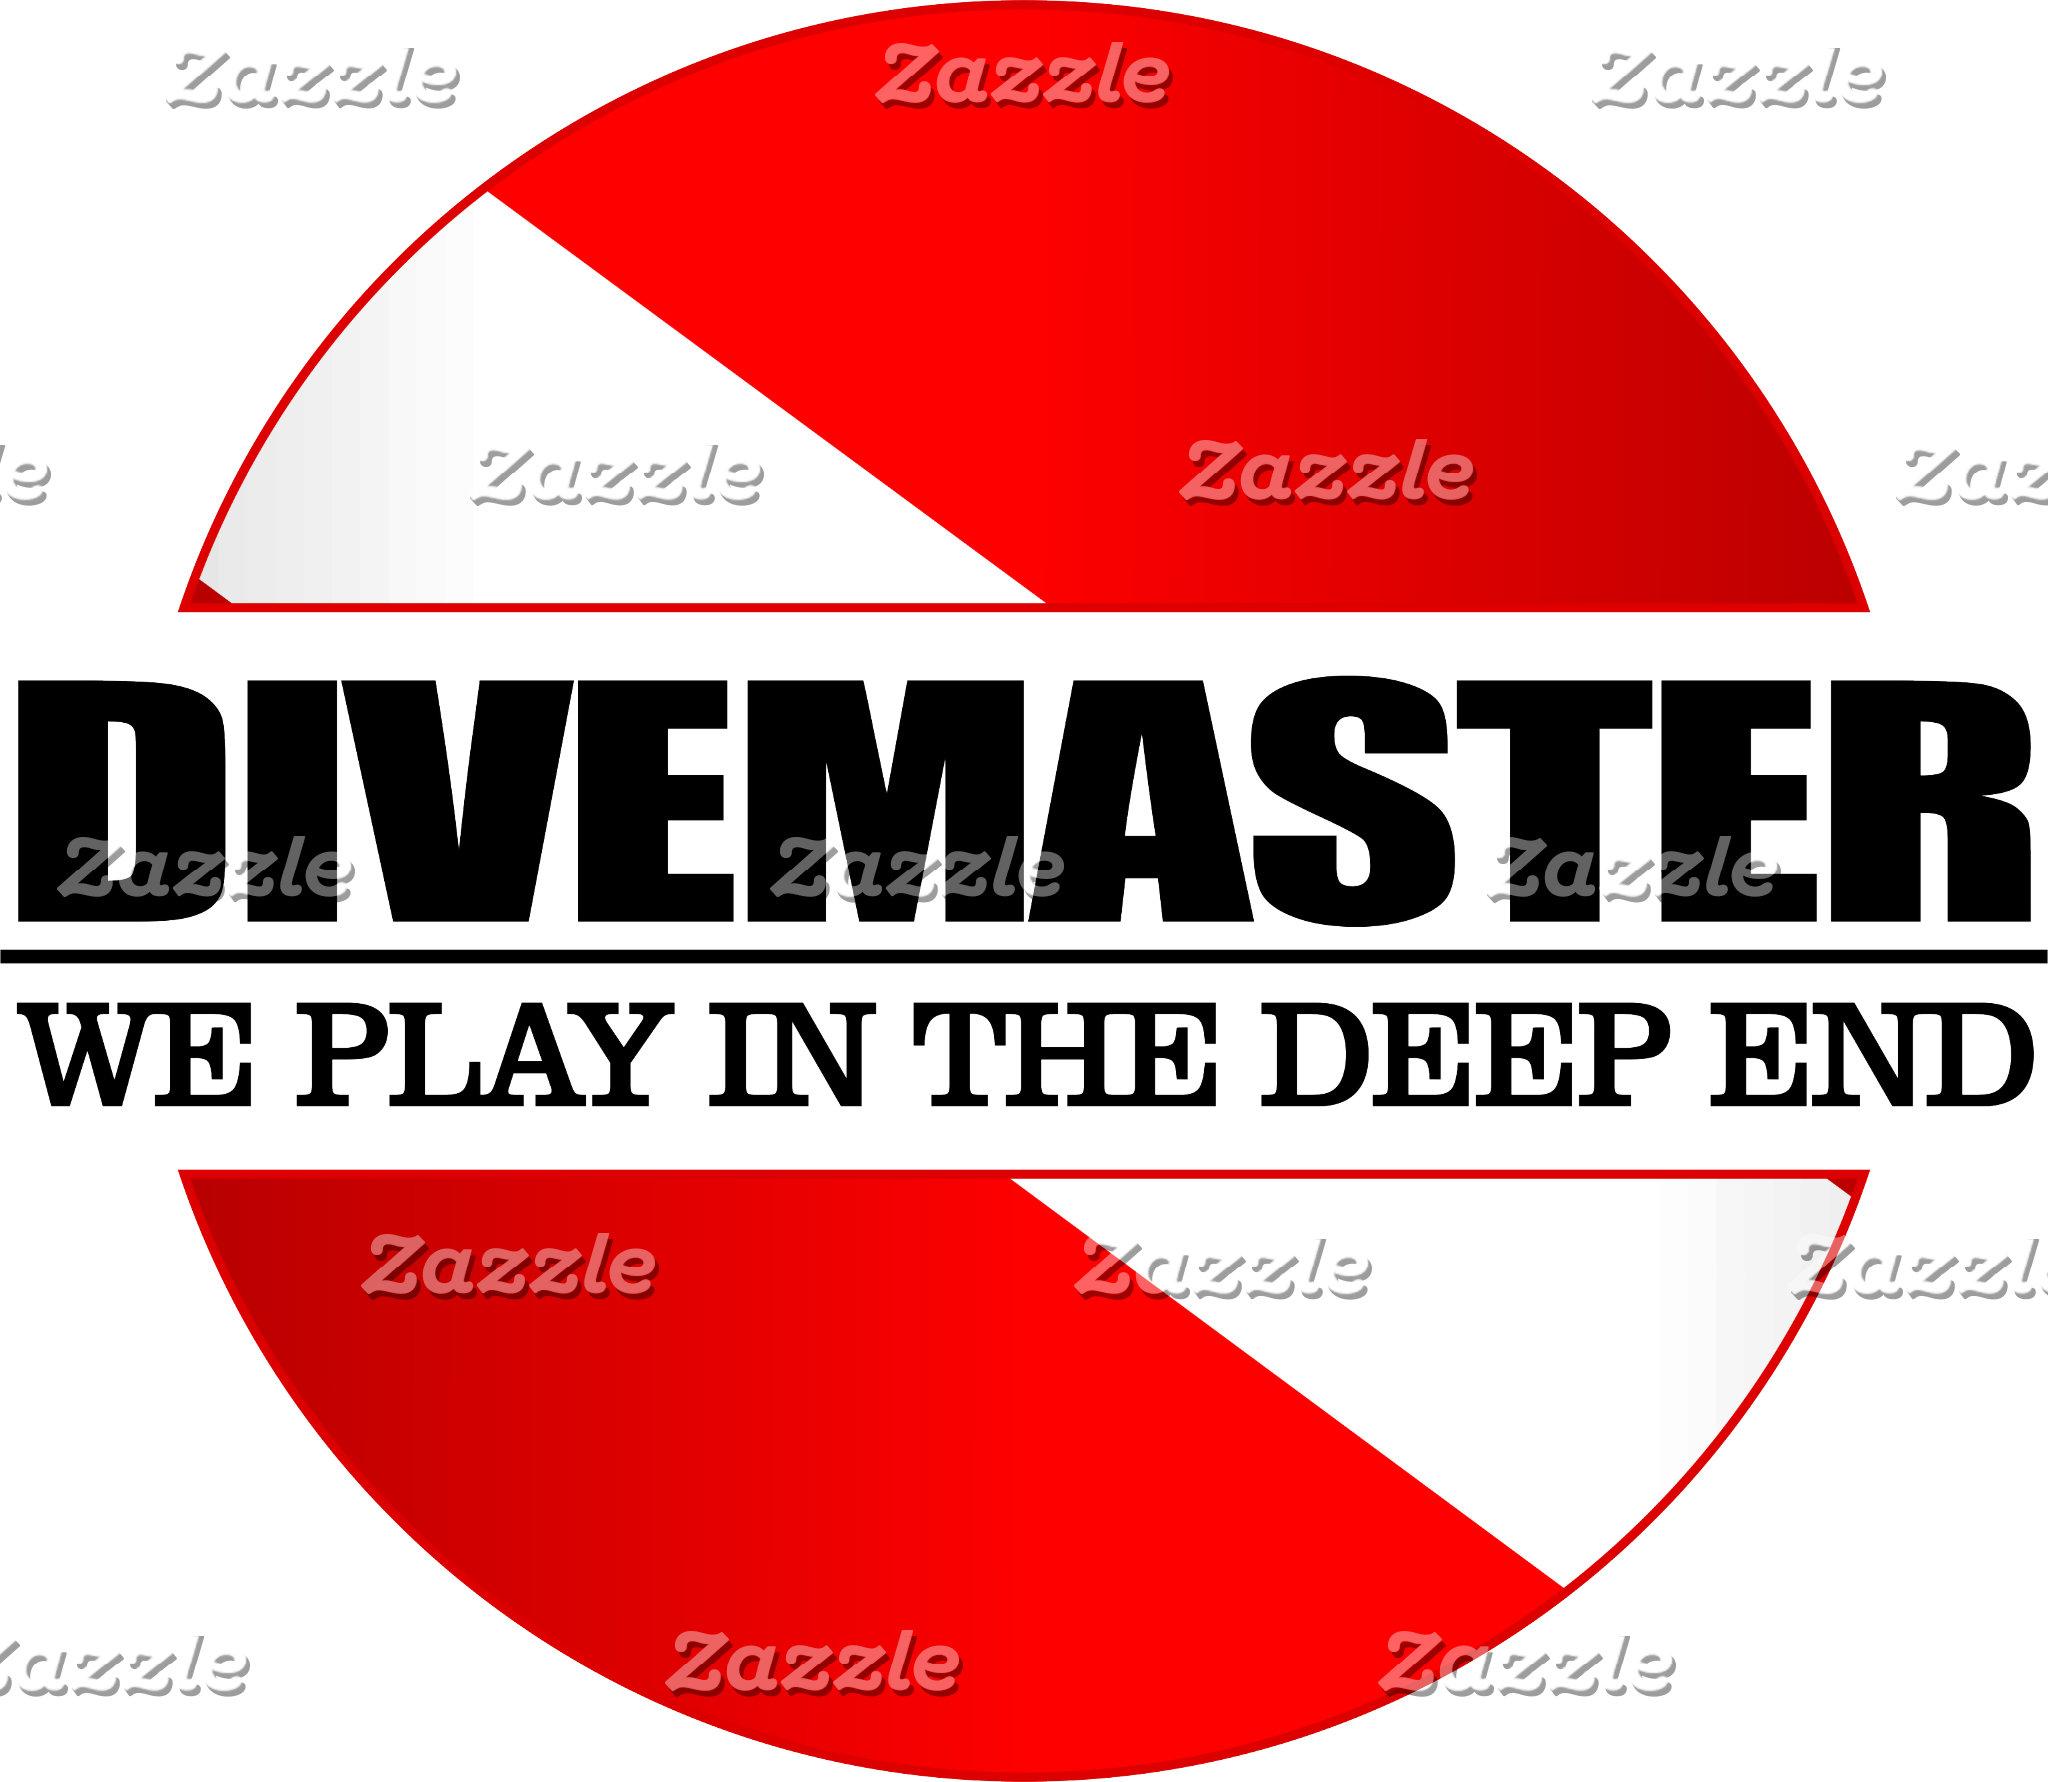 Divemaster (rd)